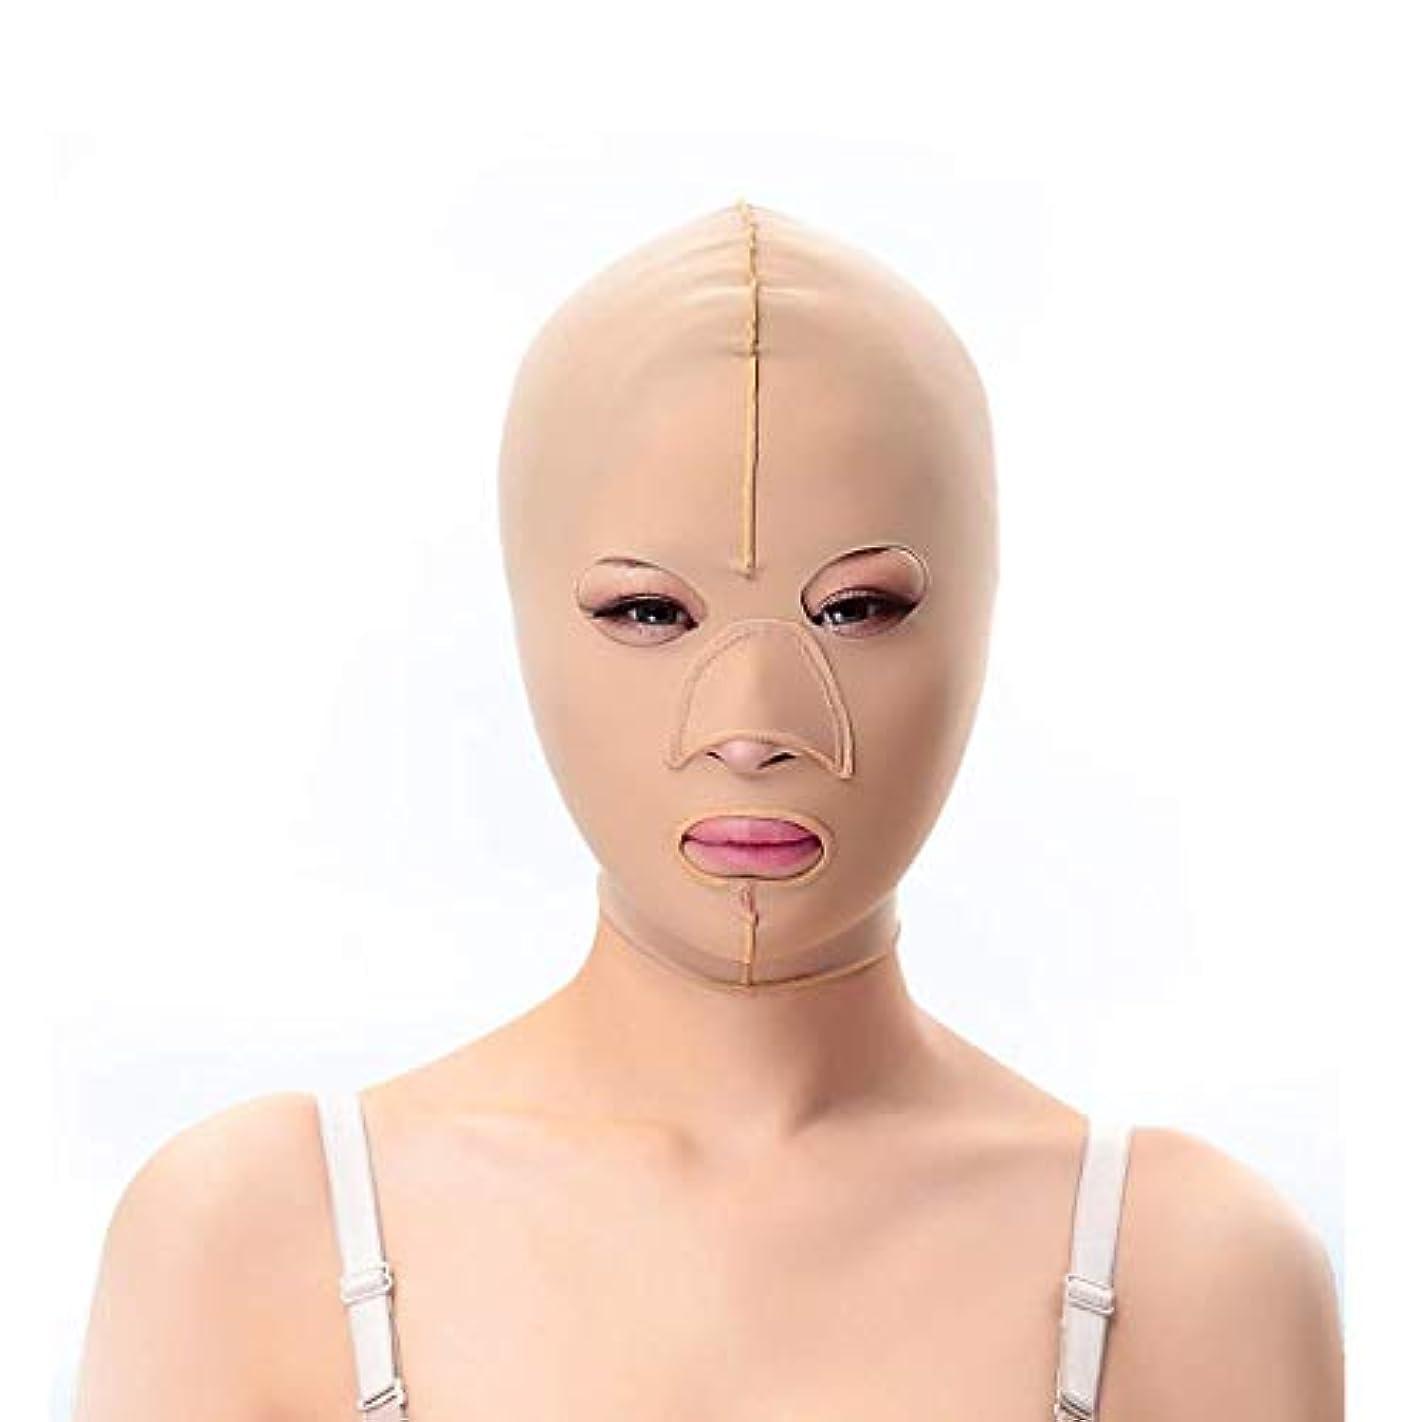 アカウント政治残酷スリミングベルト、フェイシャルマスク薄いフェイスマスク布布パターンリフティングダブルあご引き締めフェイシャルプラスチック顔アーティファクト強力な顔包帯(サイズ:S)